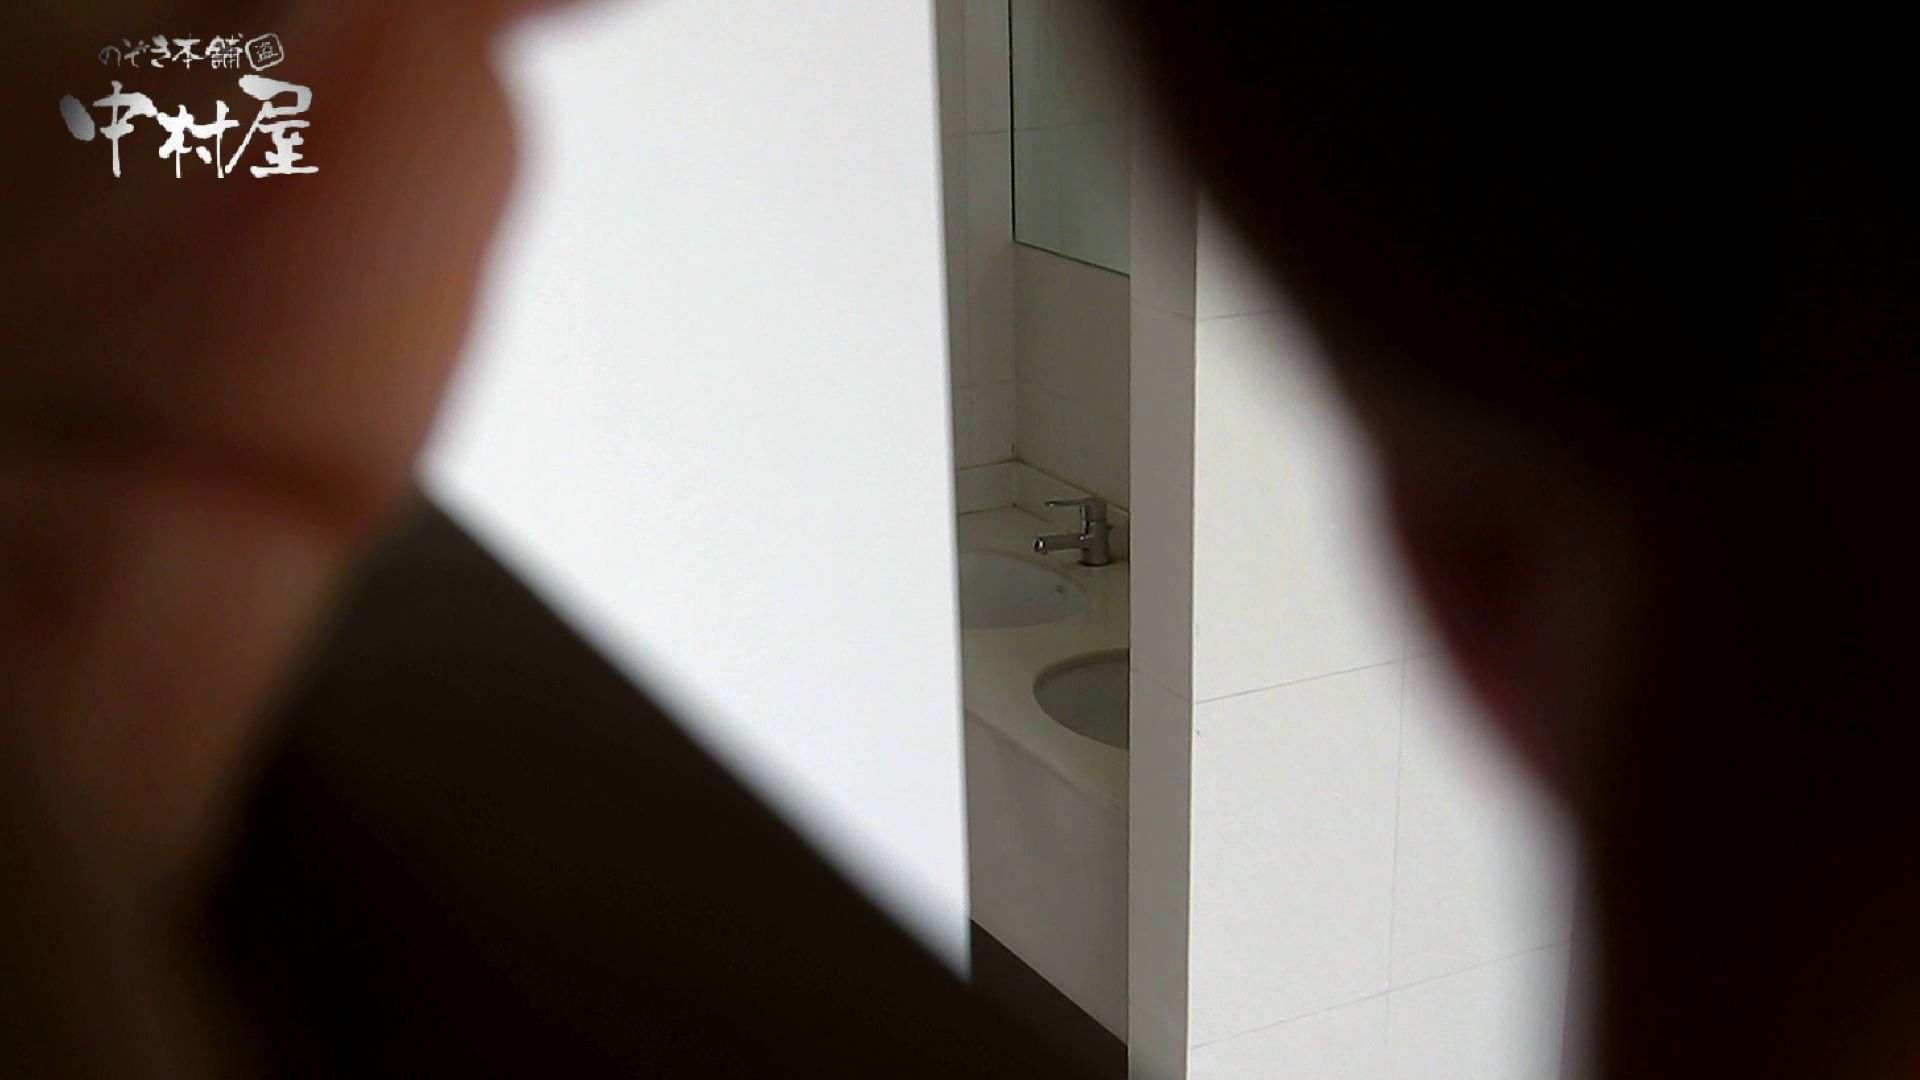 【世界の射窓から】世界の射窓から vol.10前編 洗面所突入  92pic 44